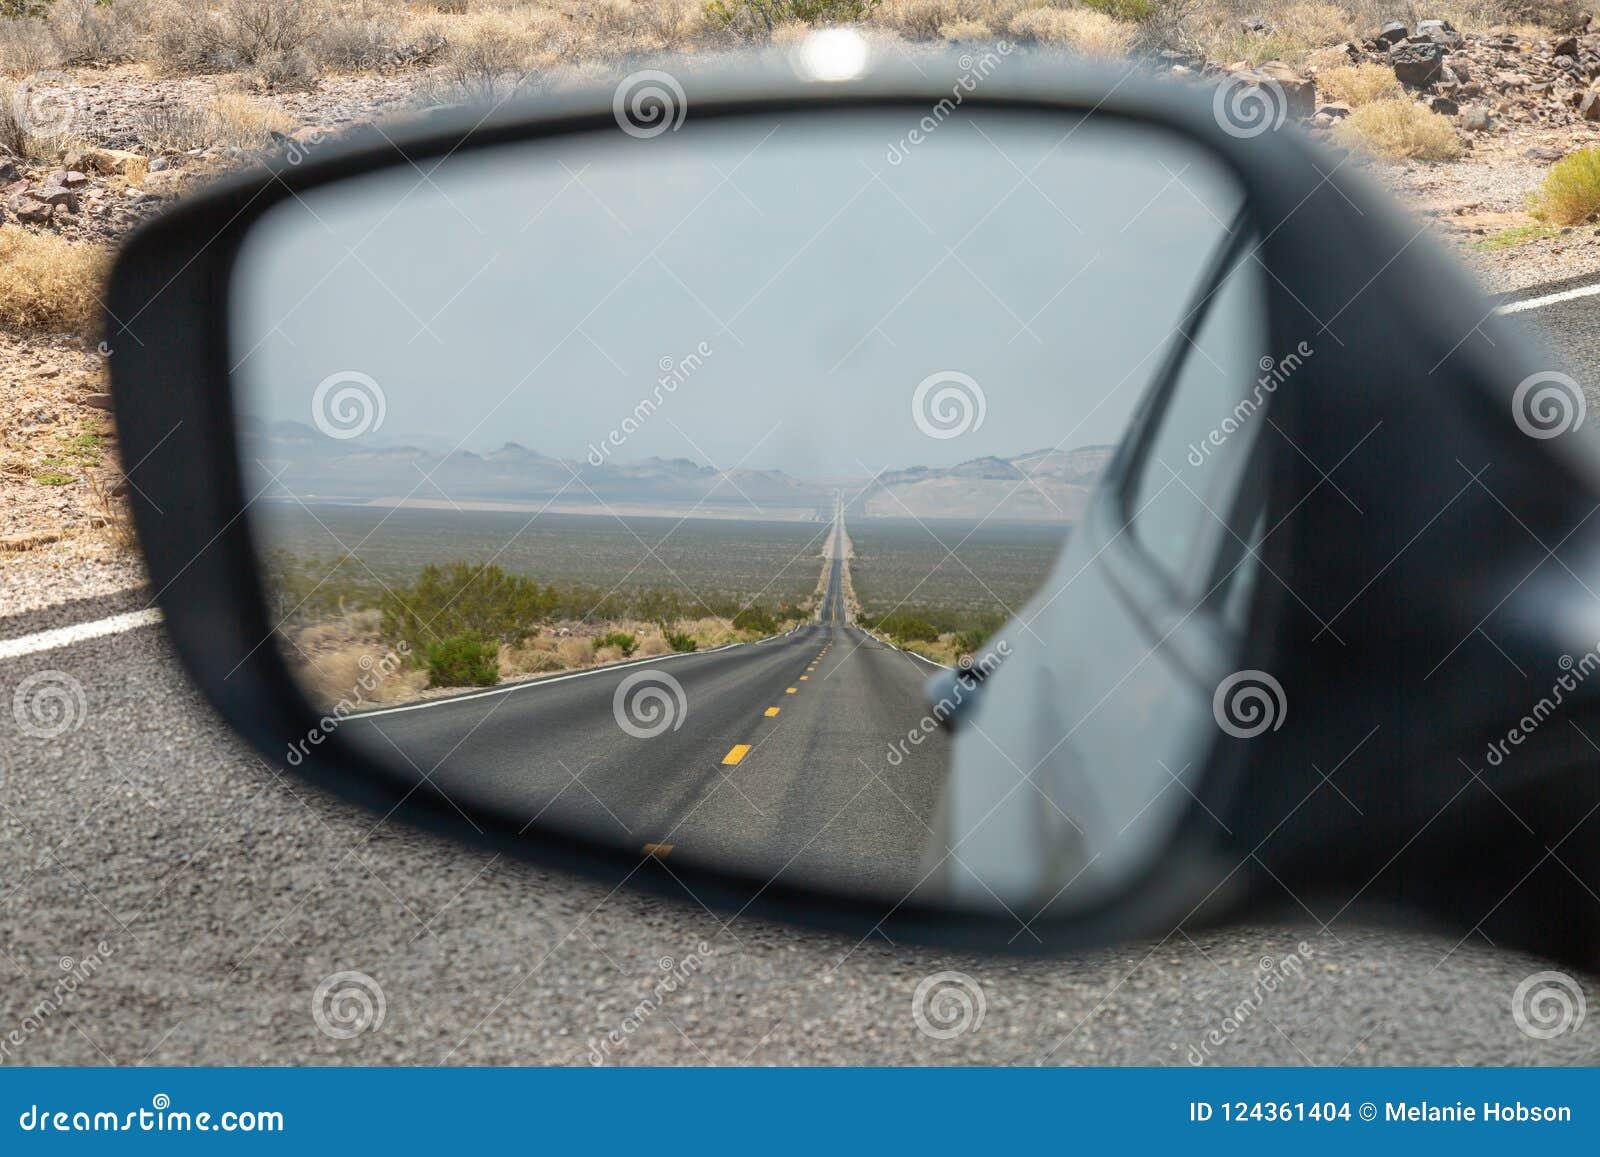 Widok z tyłu lustra